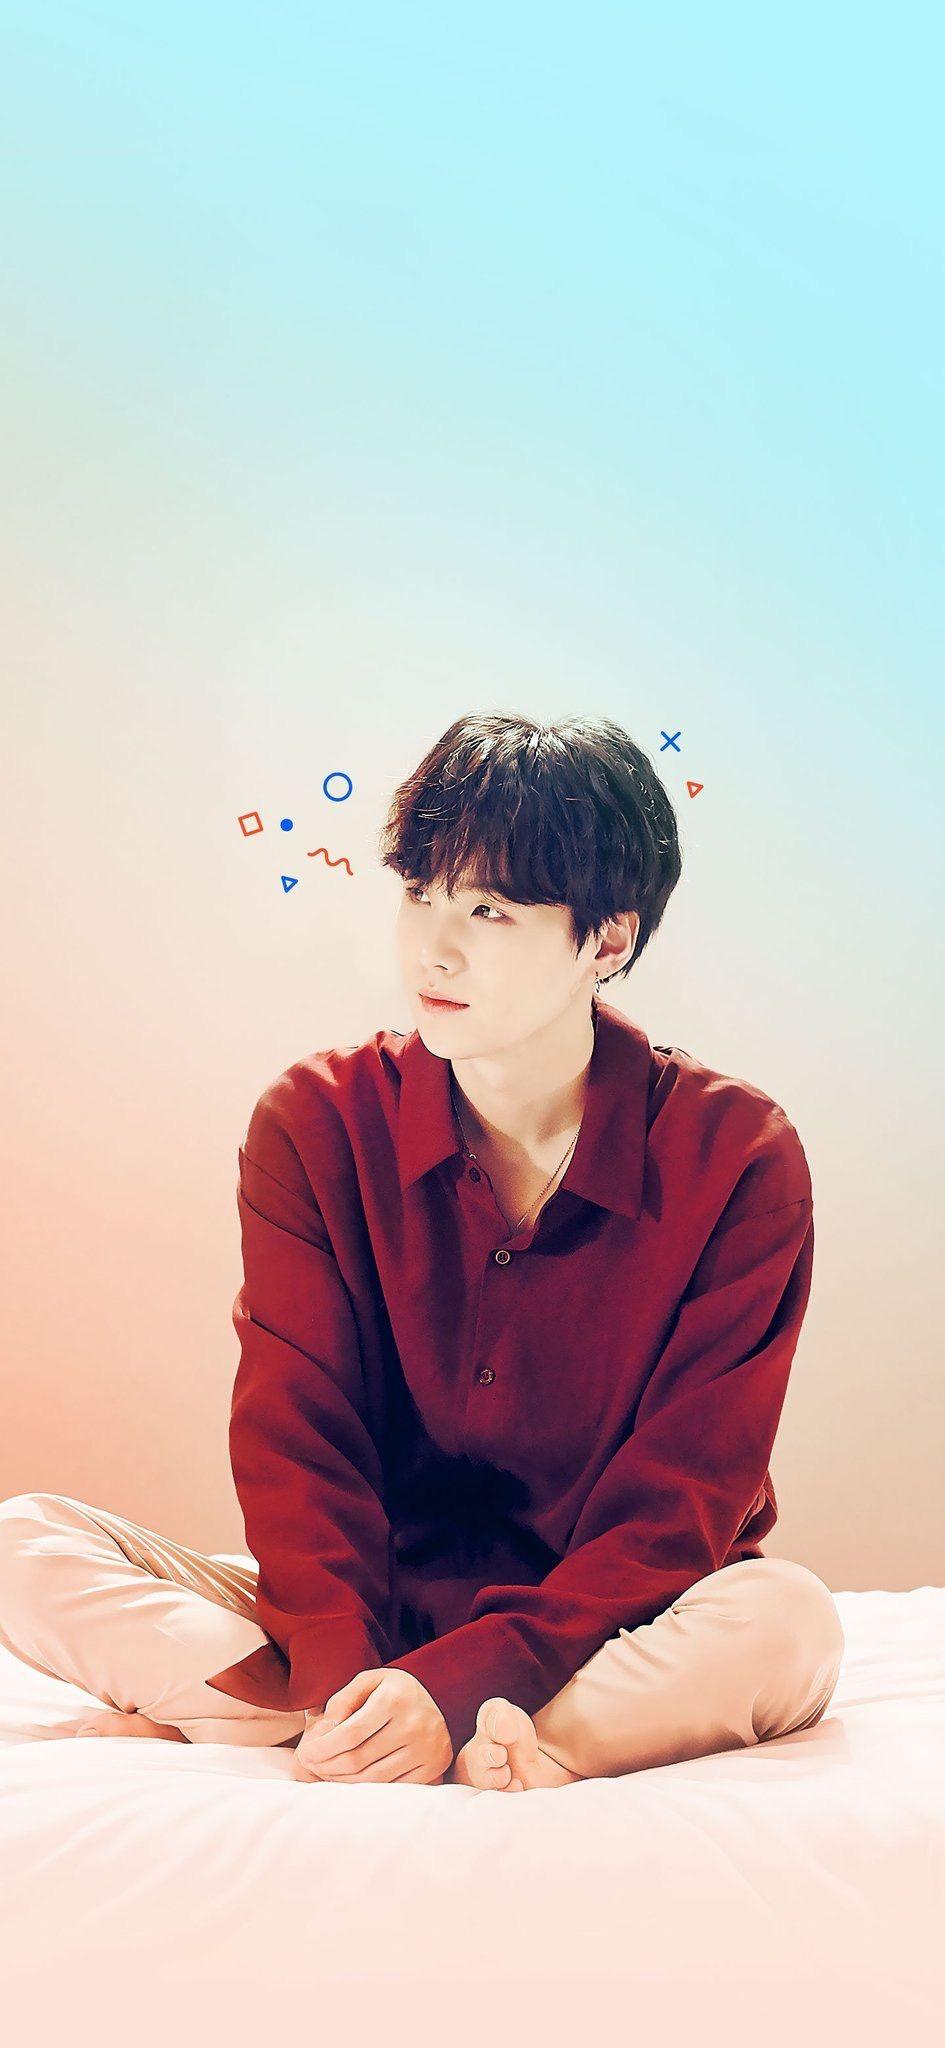 LG SUGA WALLPAPER in 2019 Min yoongi bts Bts suga Bts